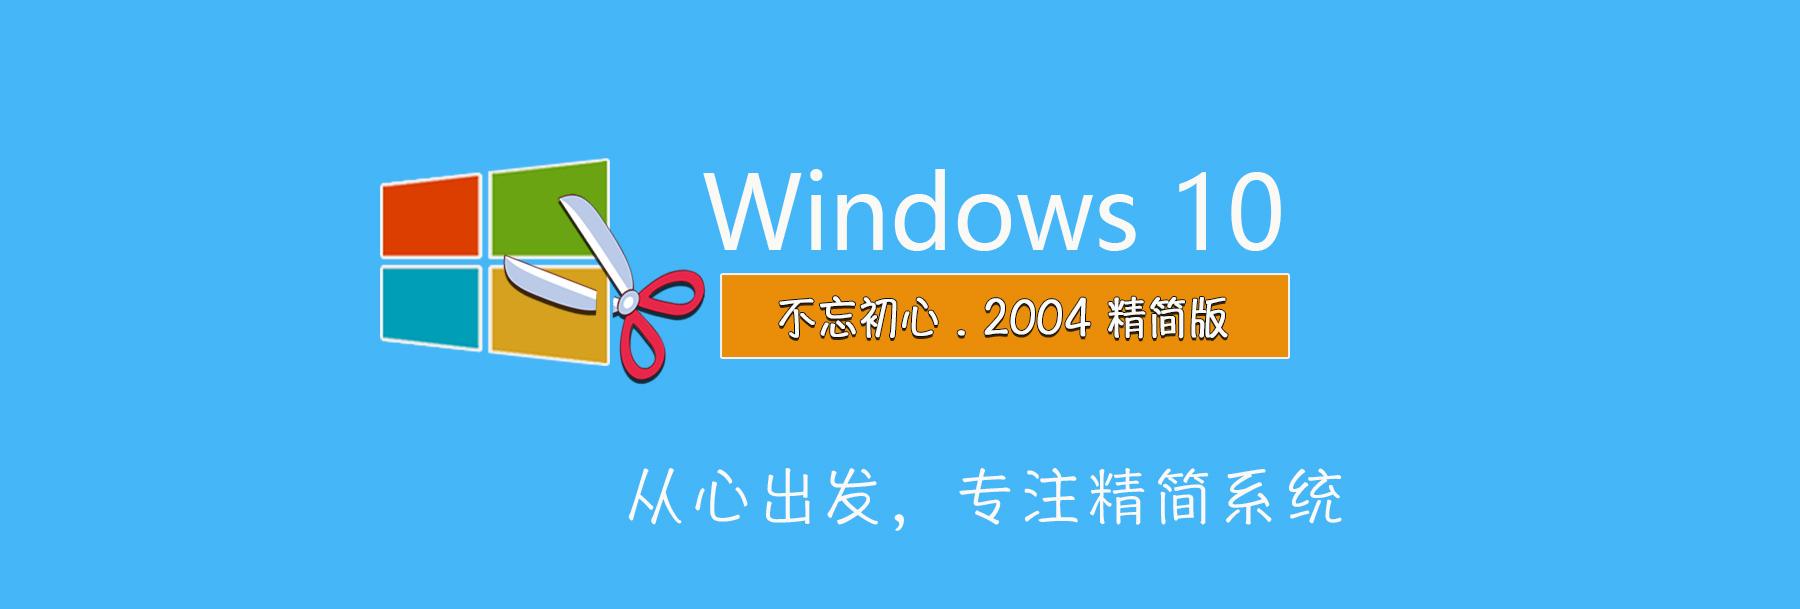 不忘初心Win10 2004 精简版七合一(免激活)系统下载 v2021.05